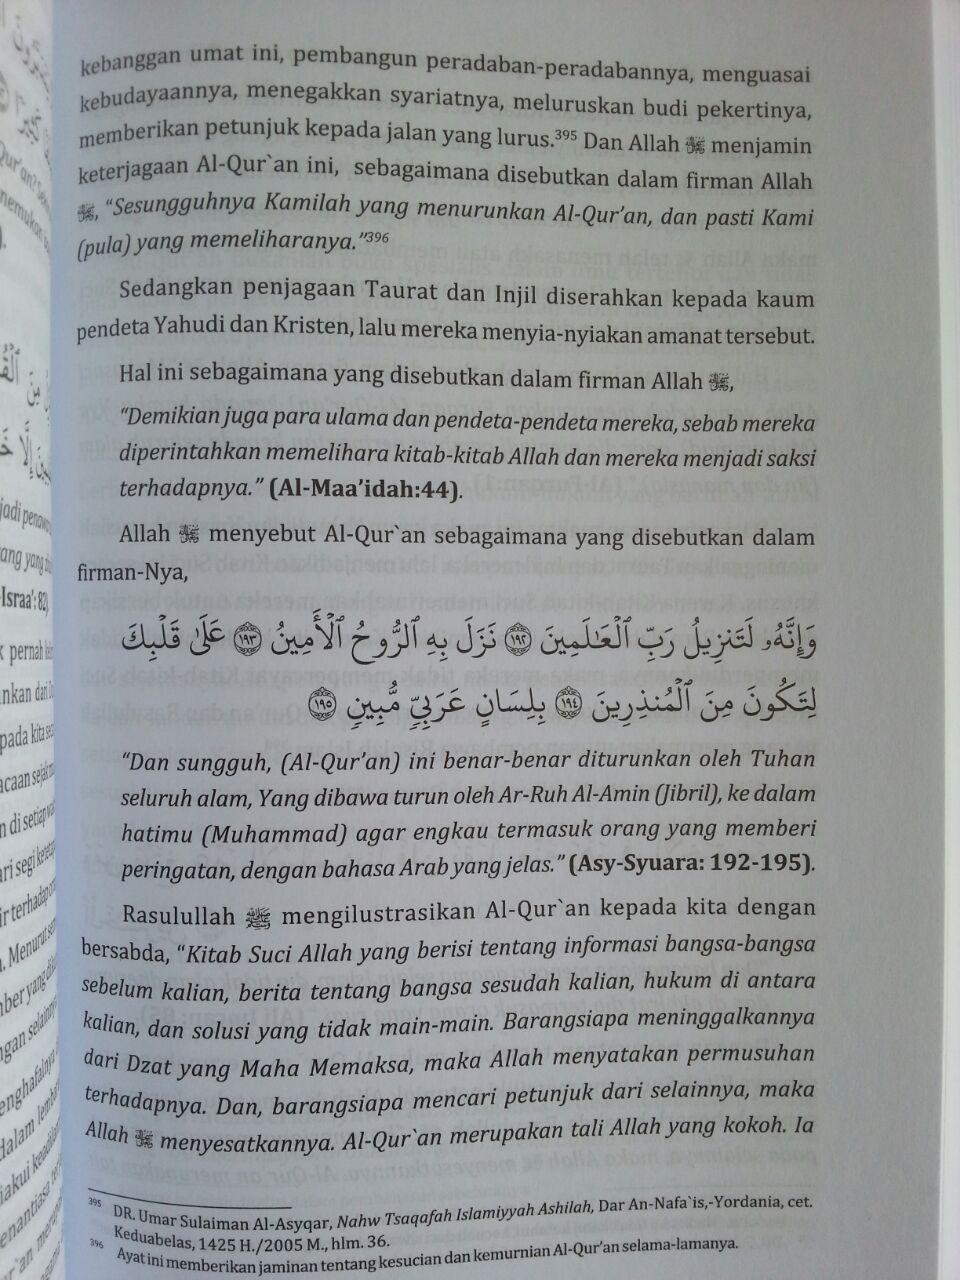 Buku Fikih Tadarruj Tahapan-Tahapan Dalam Membumikan Syariat Islam isi 3